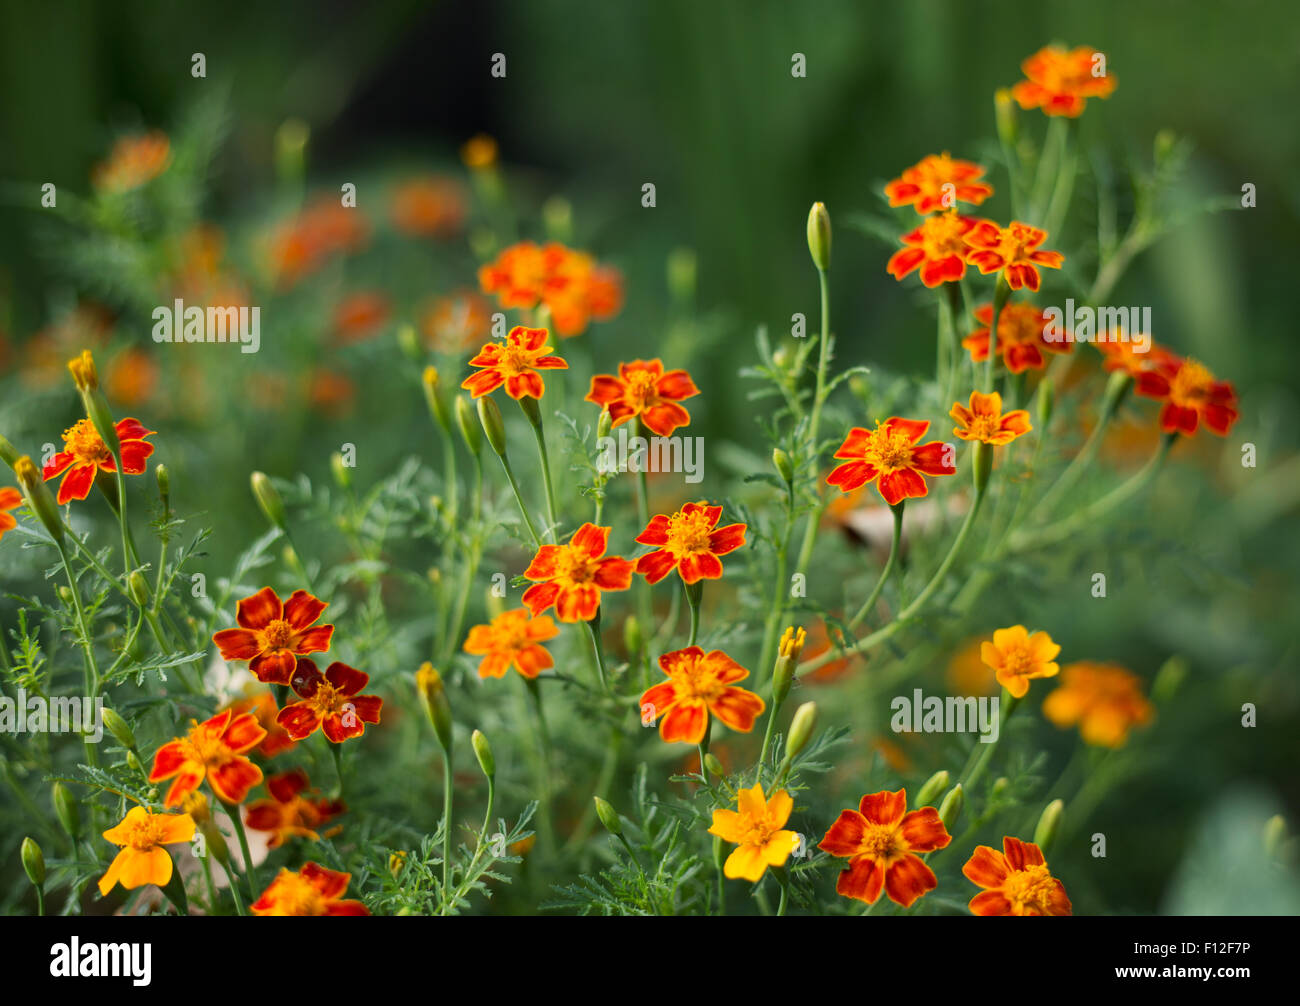 Calendula fiori - Tagetes - fiori arancione su erba verde sullo sfondo - poco profonda profondità di messa a fuoco Foto Stock